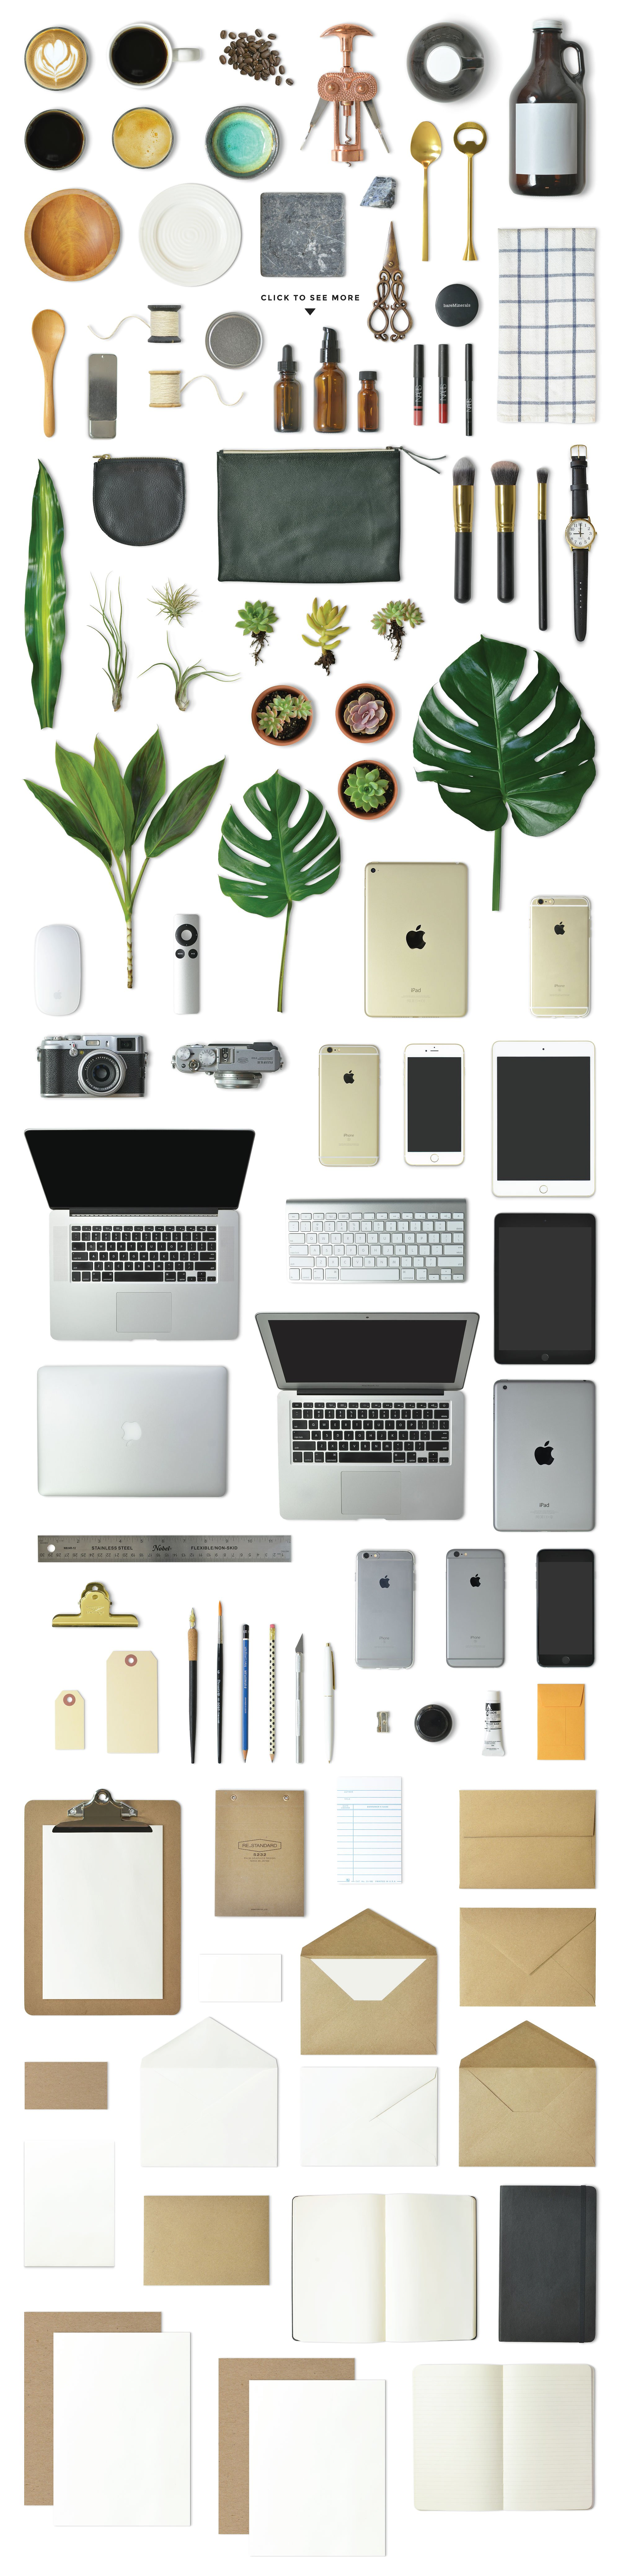 ladypreneur-mockup-toolkit-items.jpg